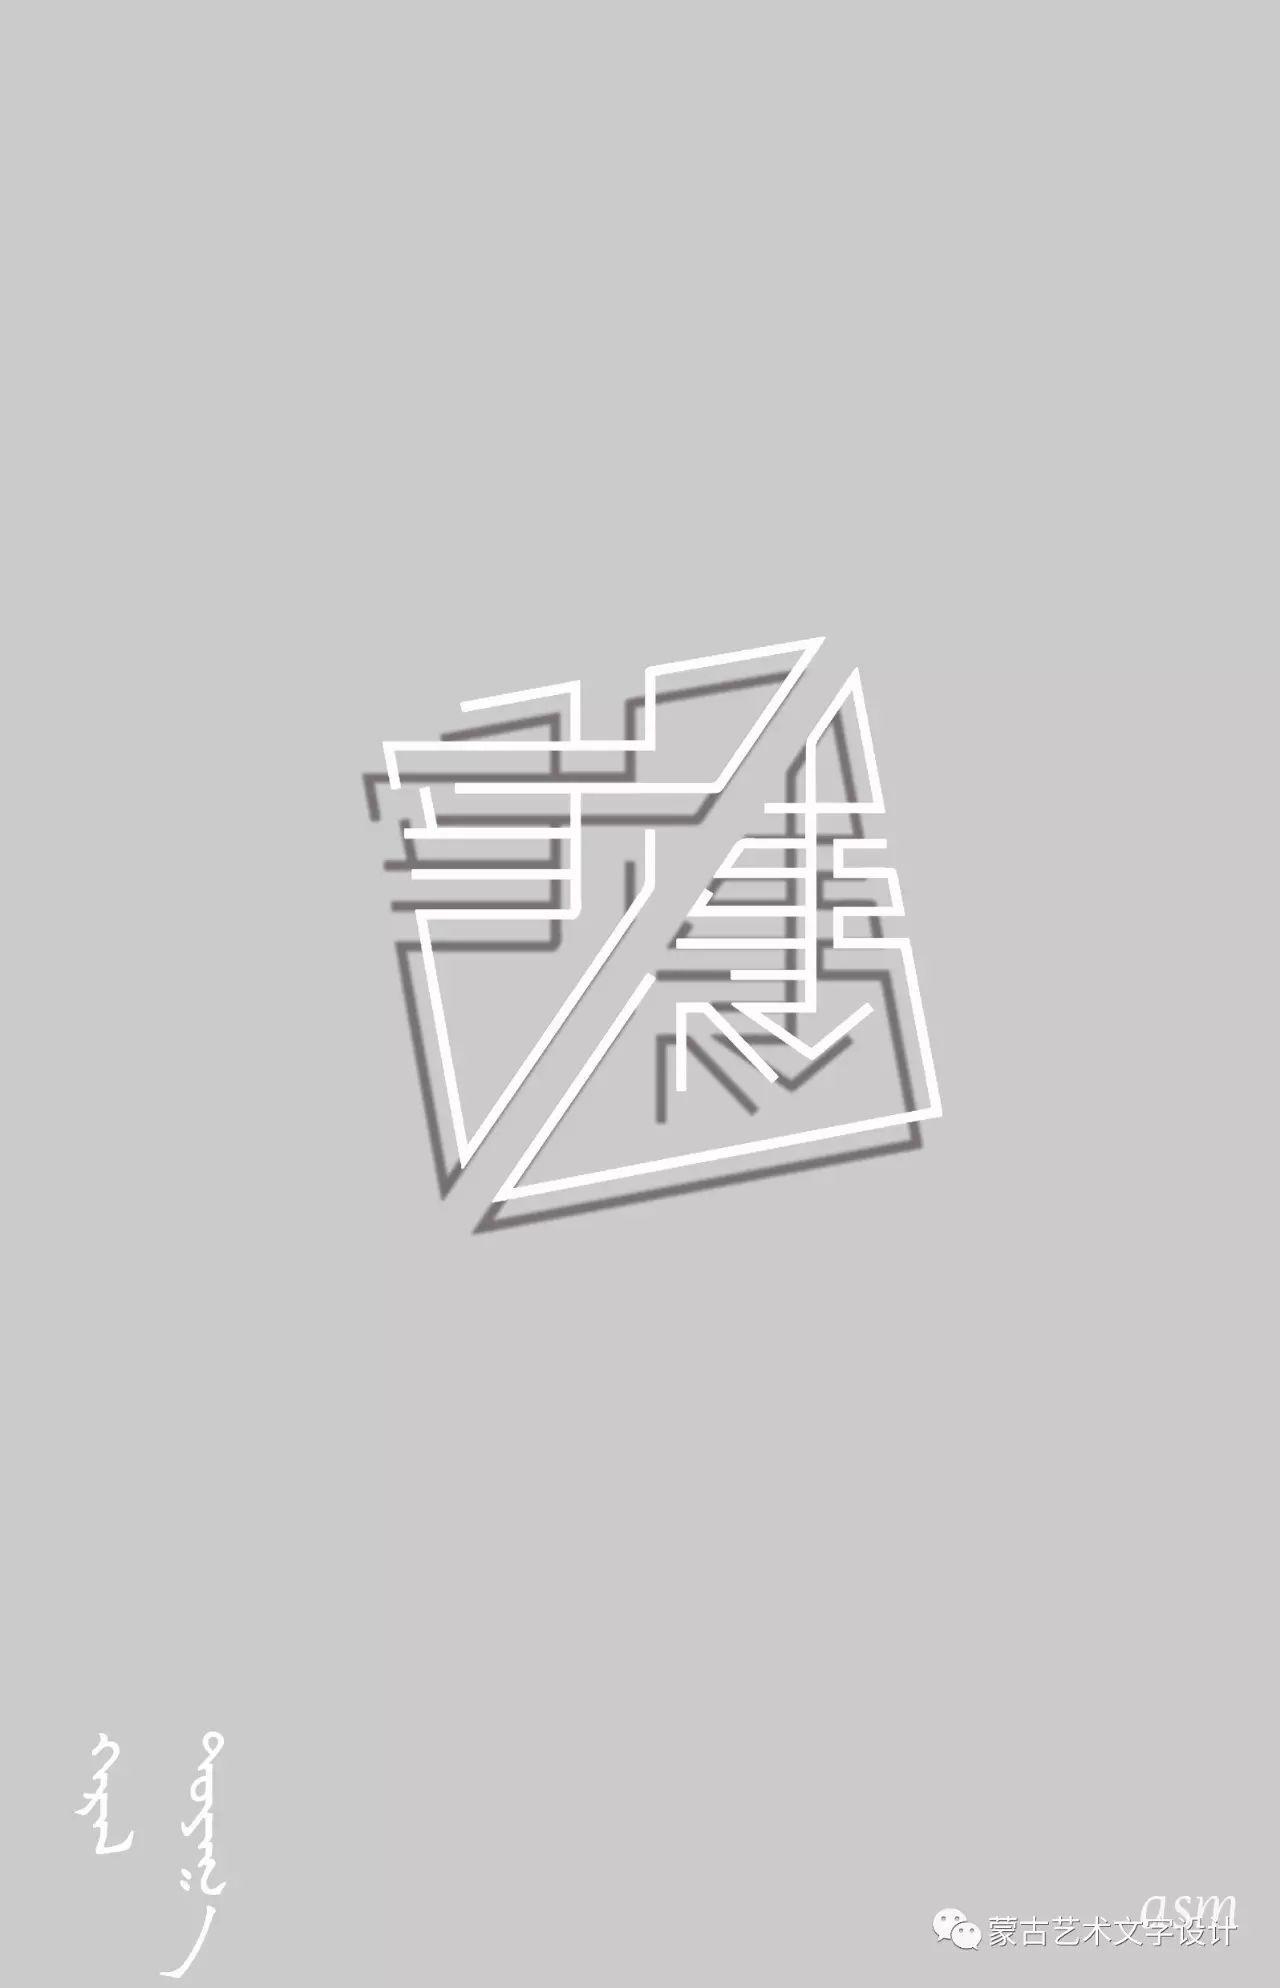 蒙古艺术文字设计 第40张